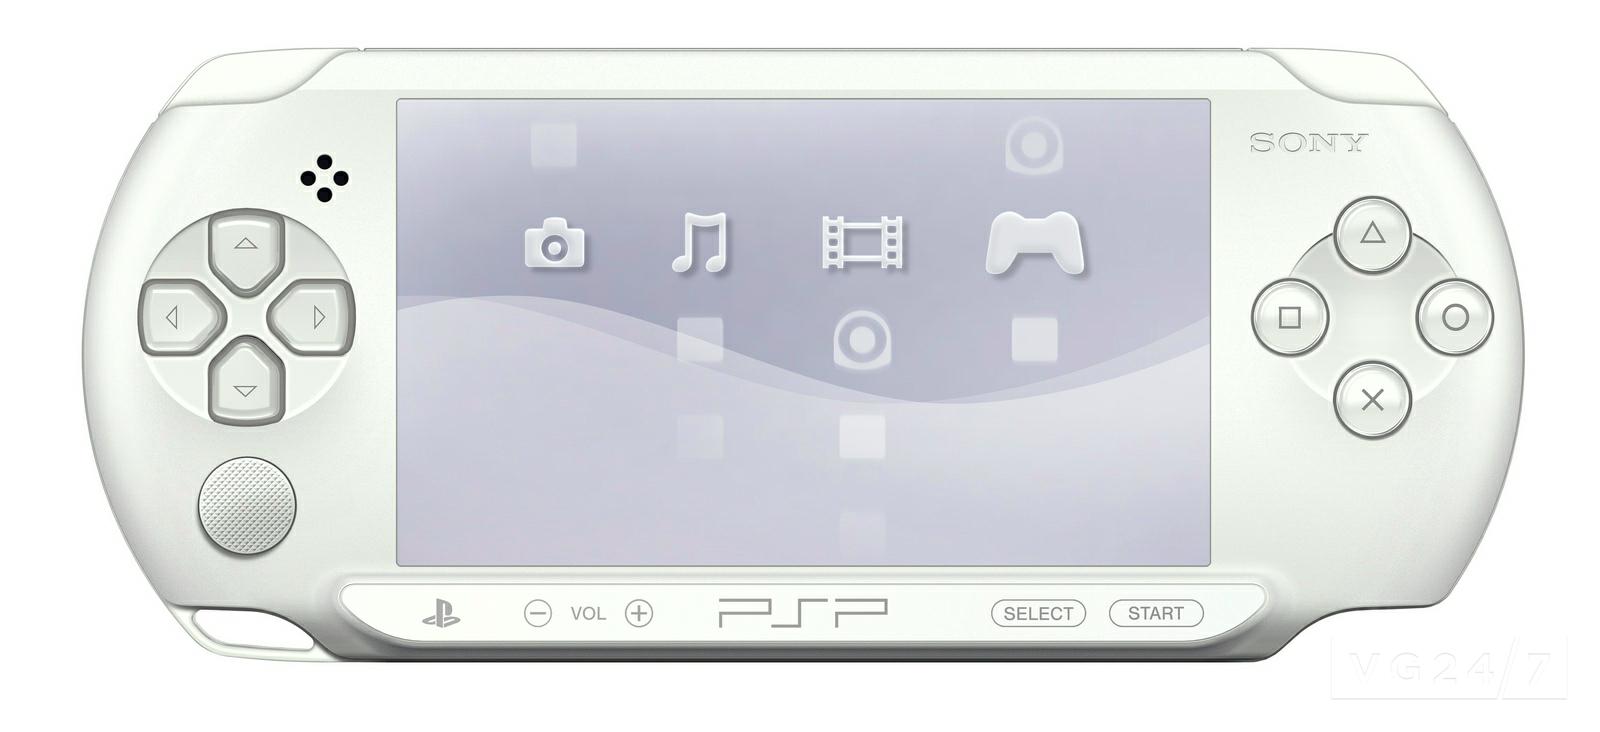 Приставки Sony PSP E1003 белый цвет